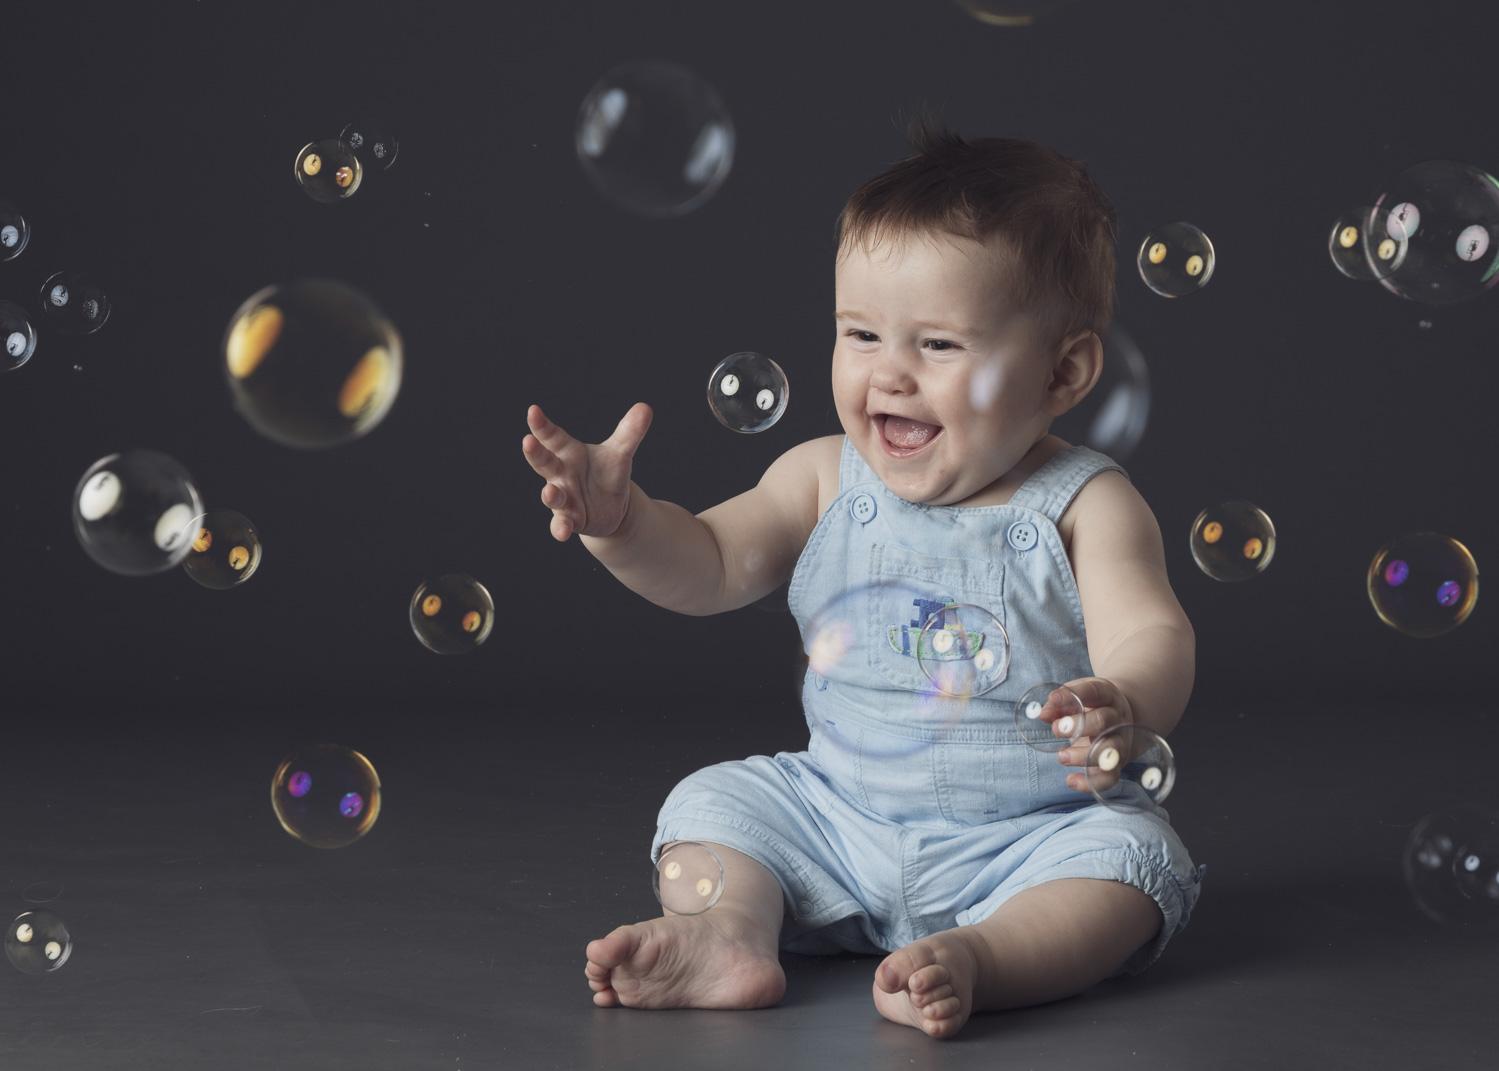 BabyPhotography-6.jpg